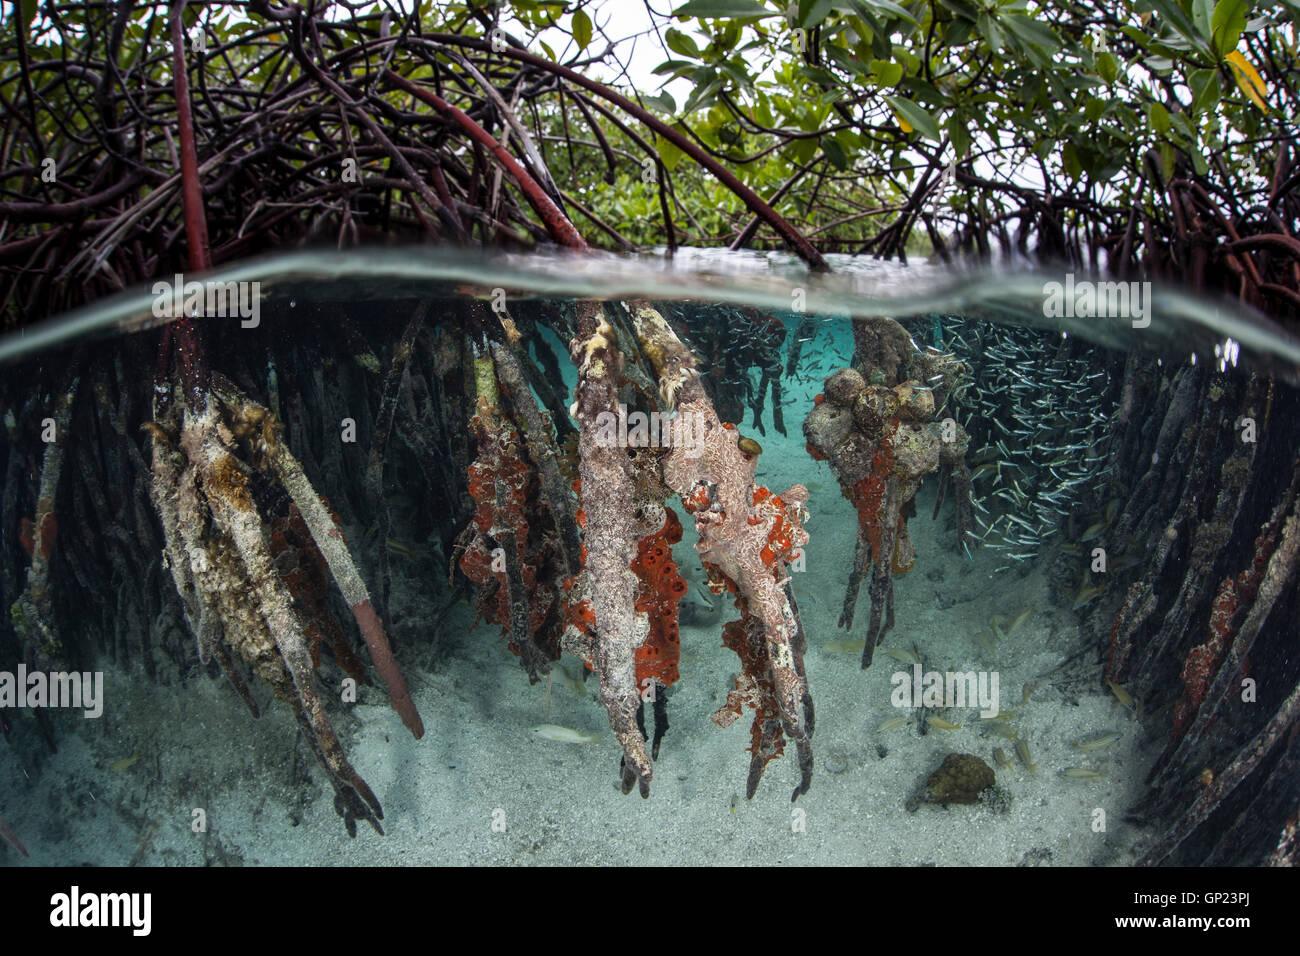 Ecosystem Mangroves, Rhizophora, Turneffe Atoll, Caribbean, Belize - Stock Image